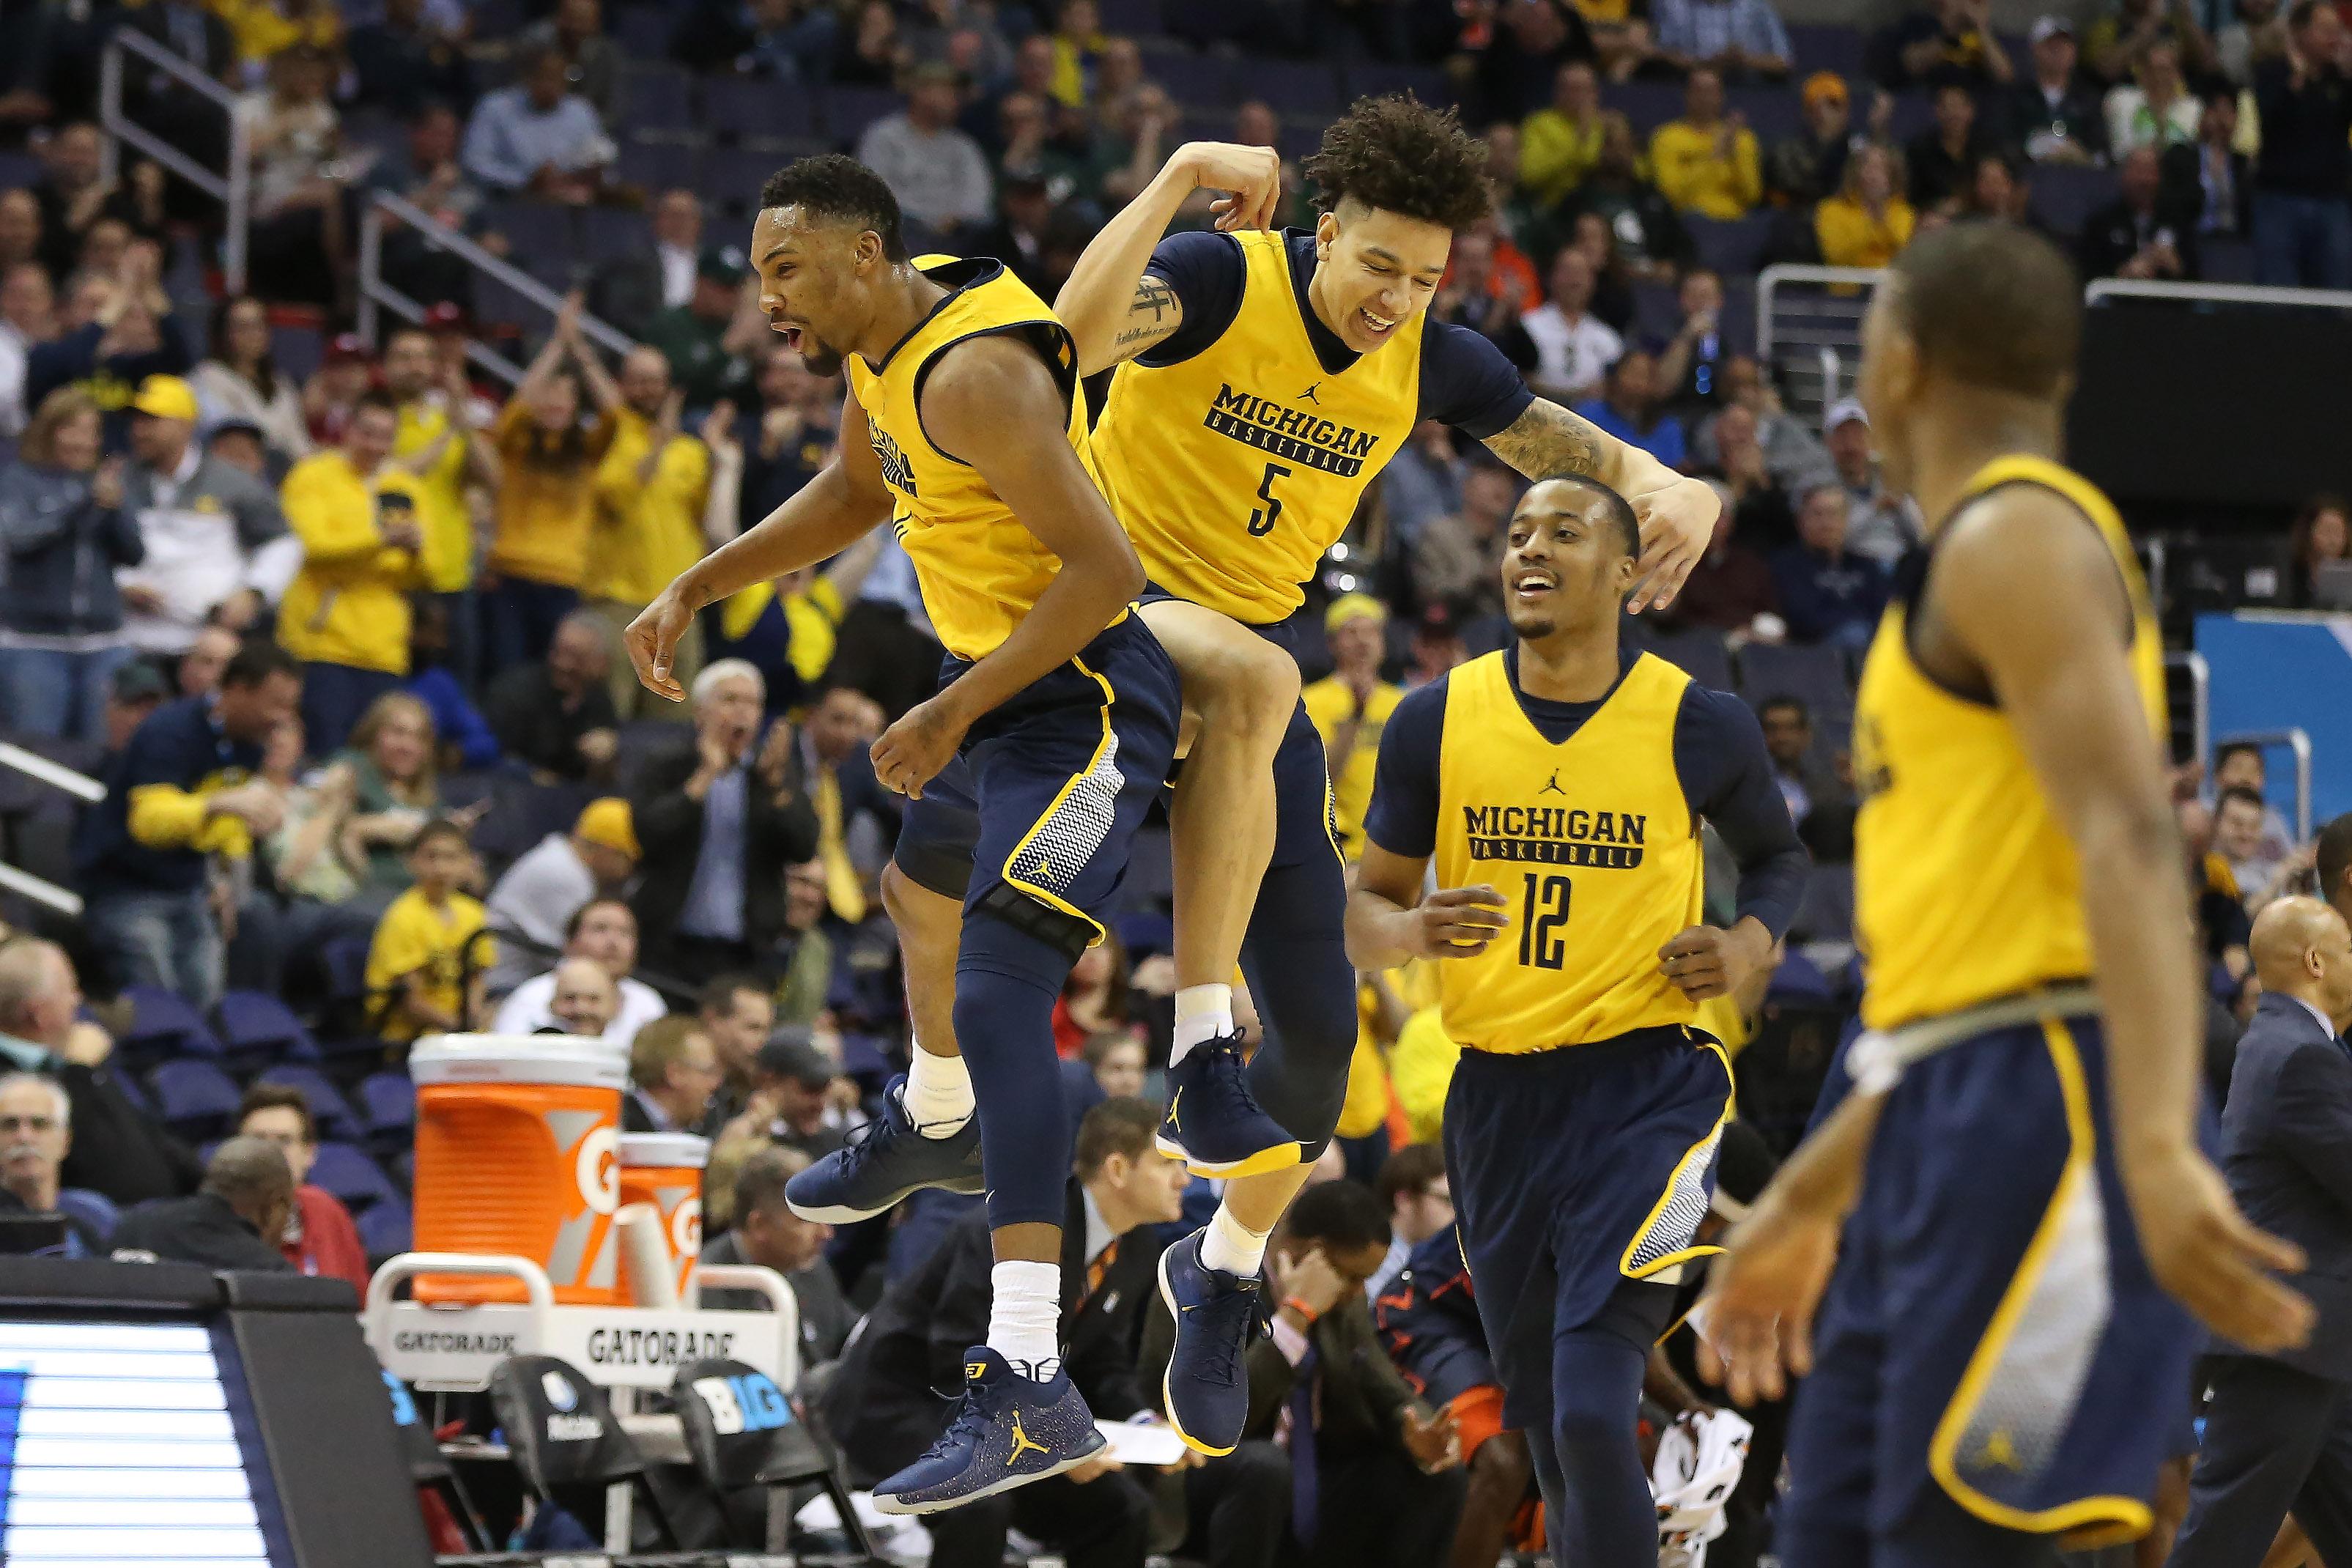 michigan basketball - photo #19